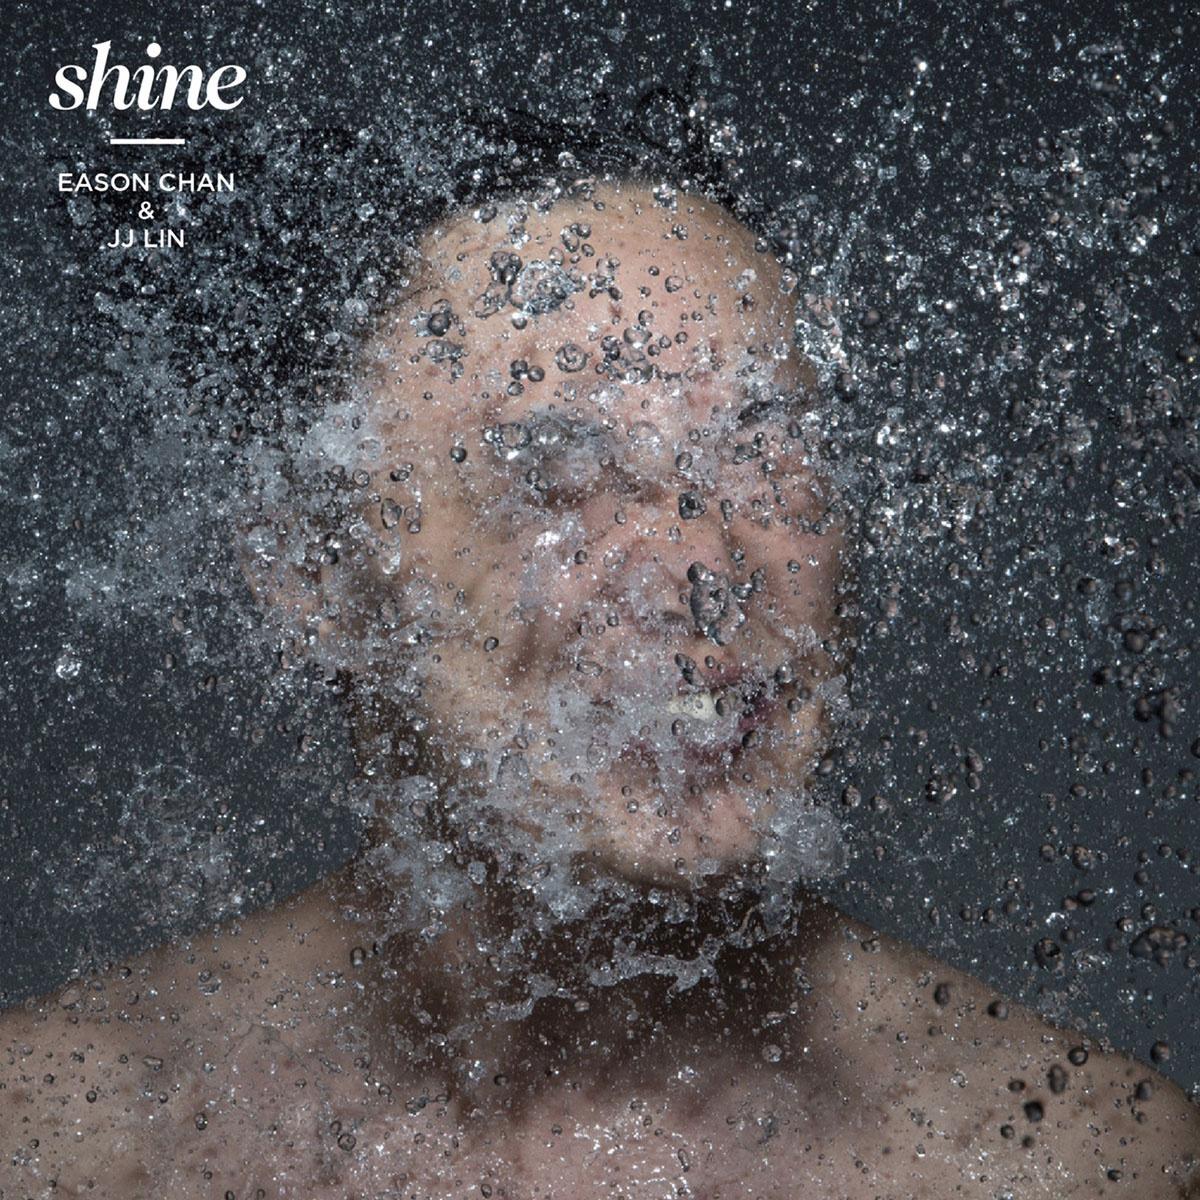 陈奕迅 rice & shine(米·闪) 在线试听的照片 - 3